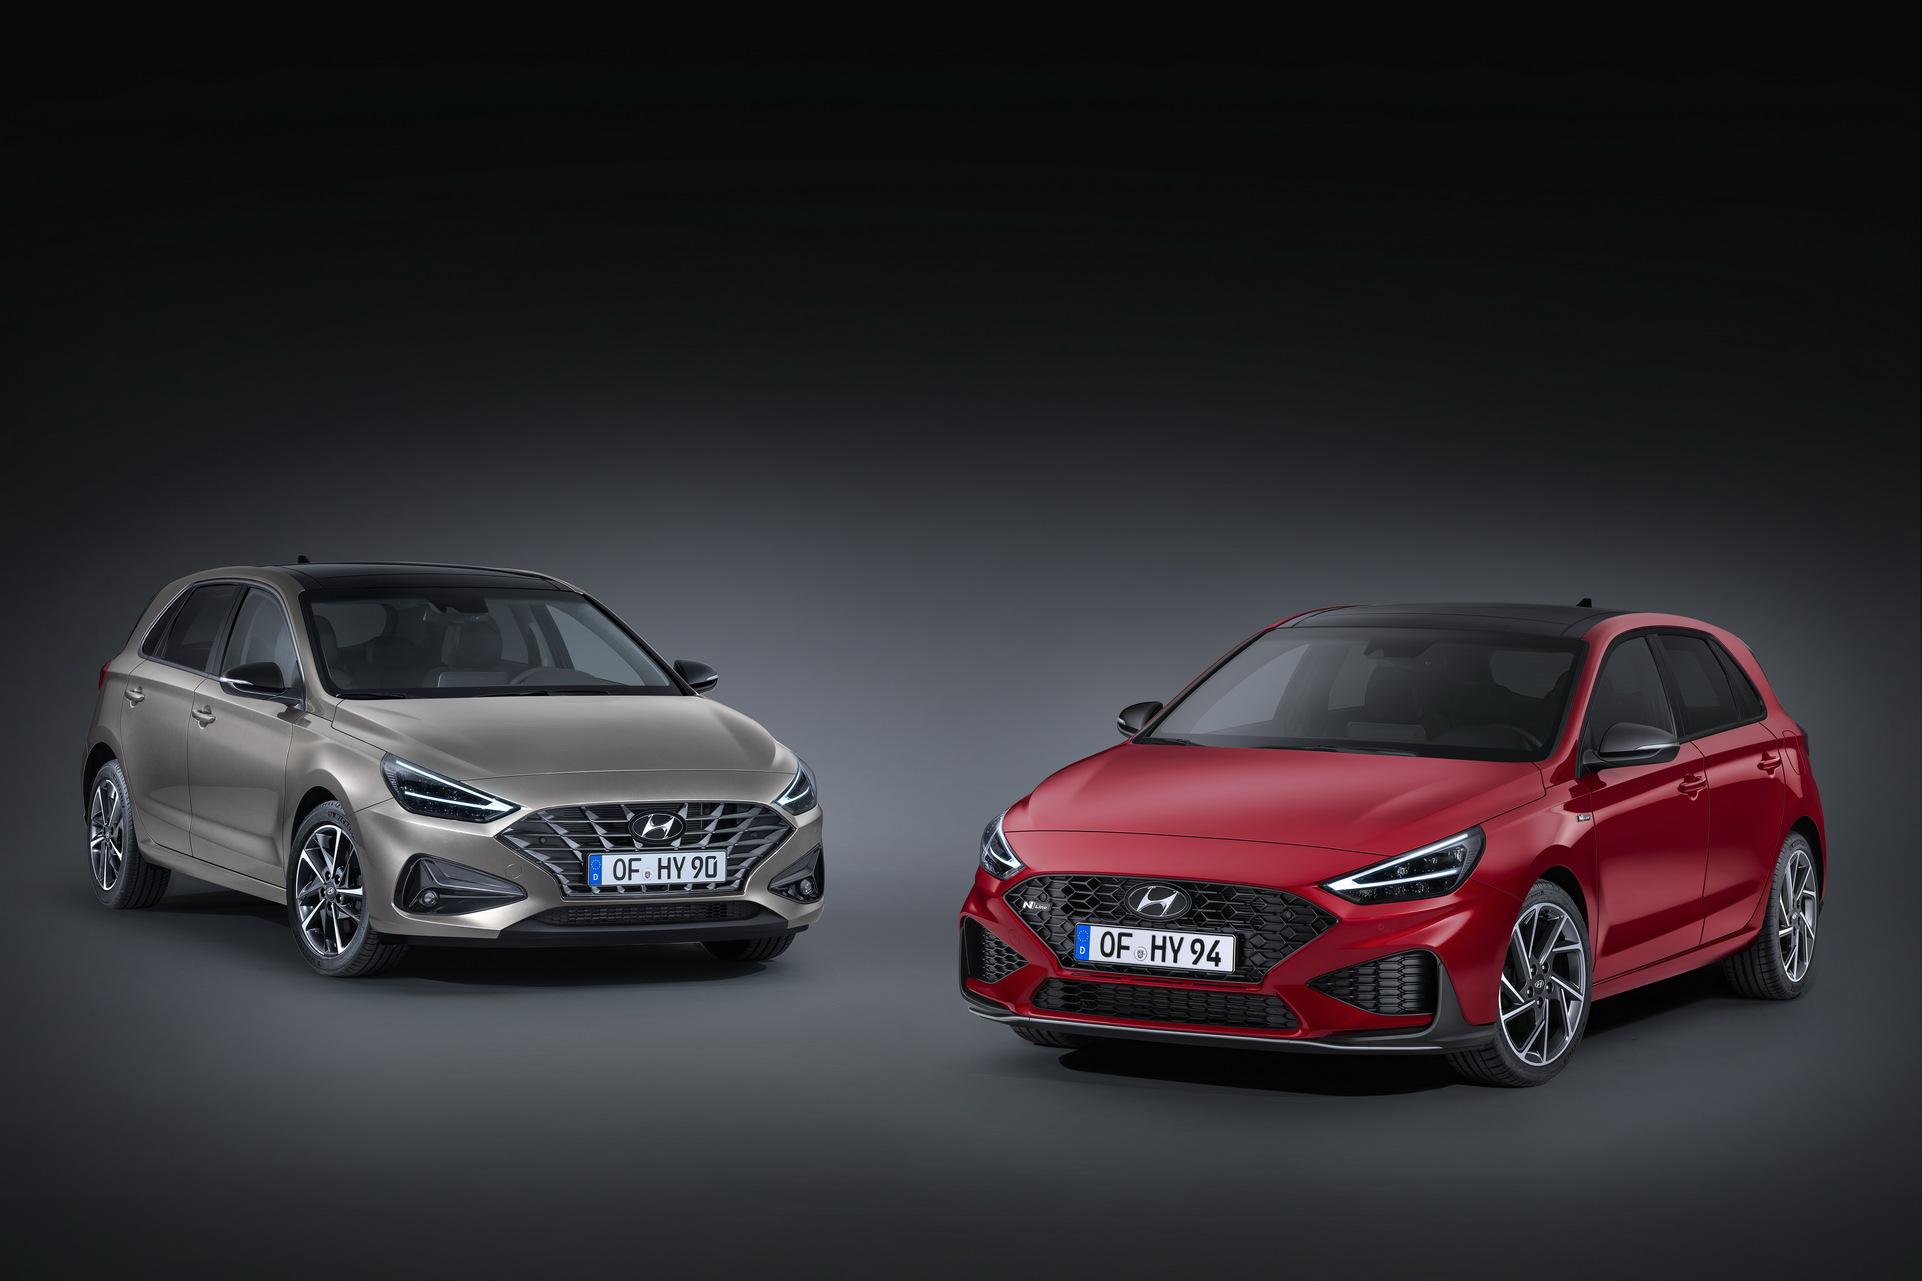 Рестилизираниот Hyundai i30 влегува во производство / ФОТО